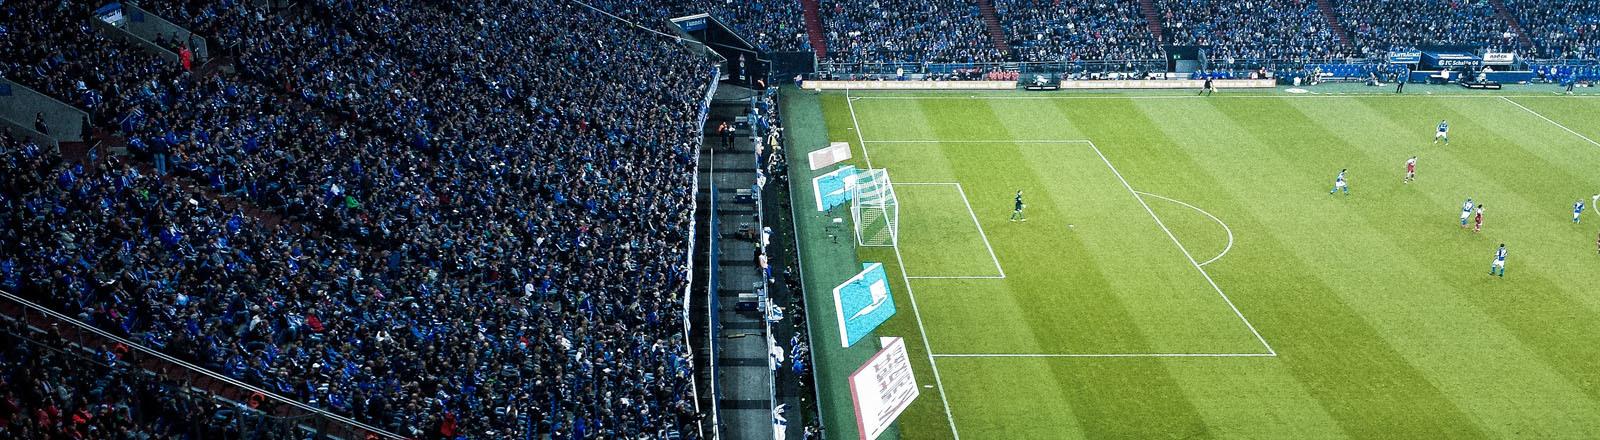 Ausschnitt aus einem Fußballstadion mit Rasen und Tribüne